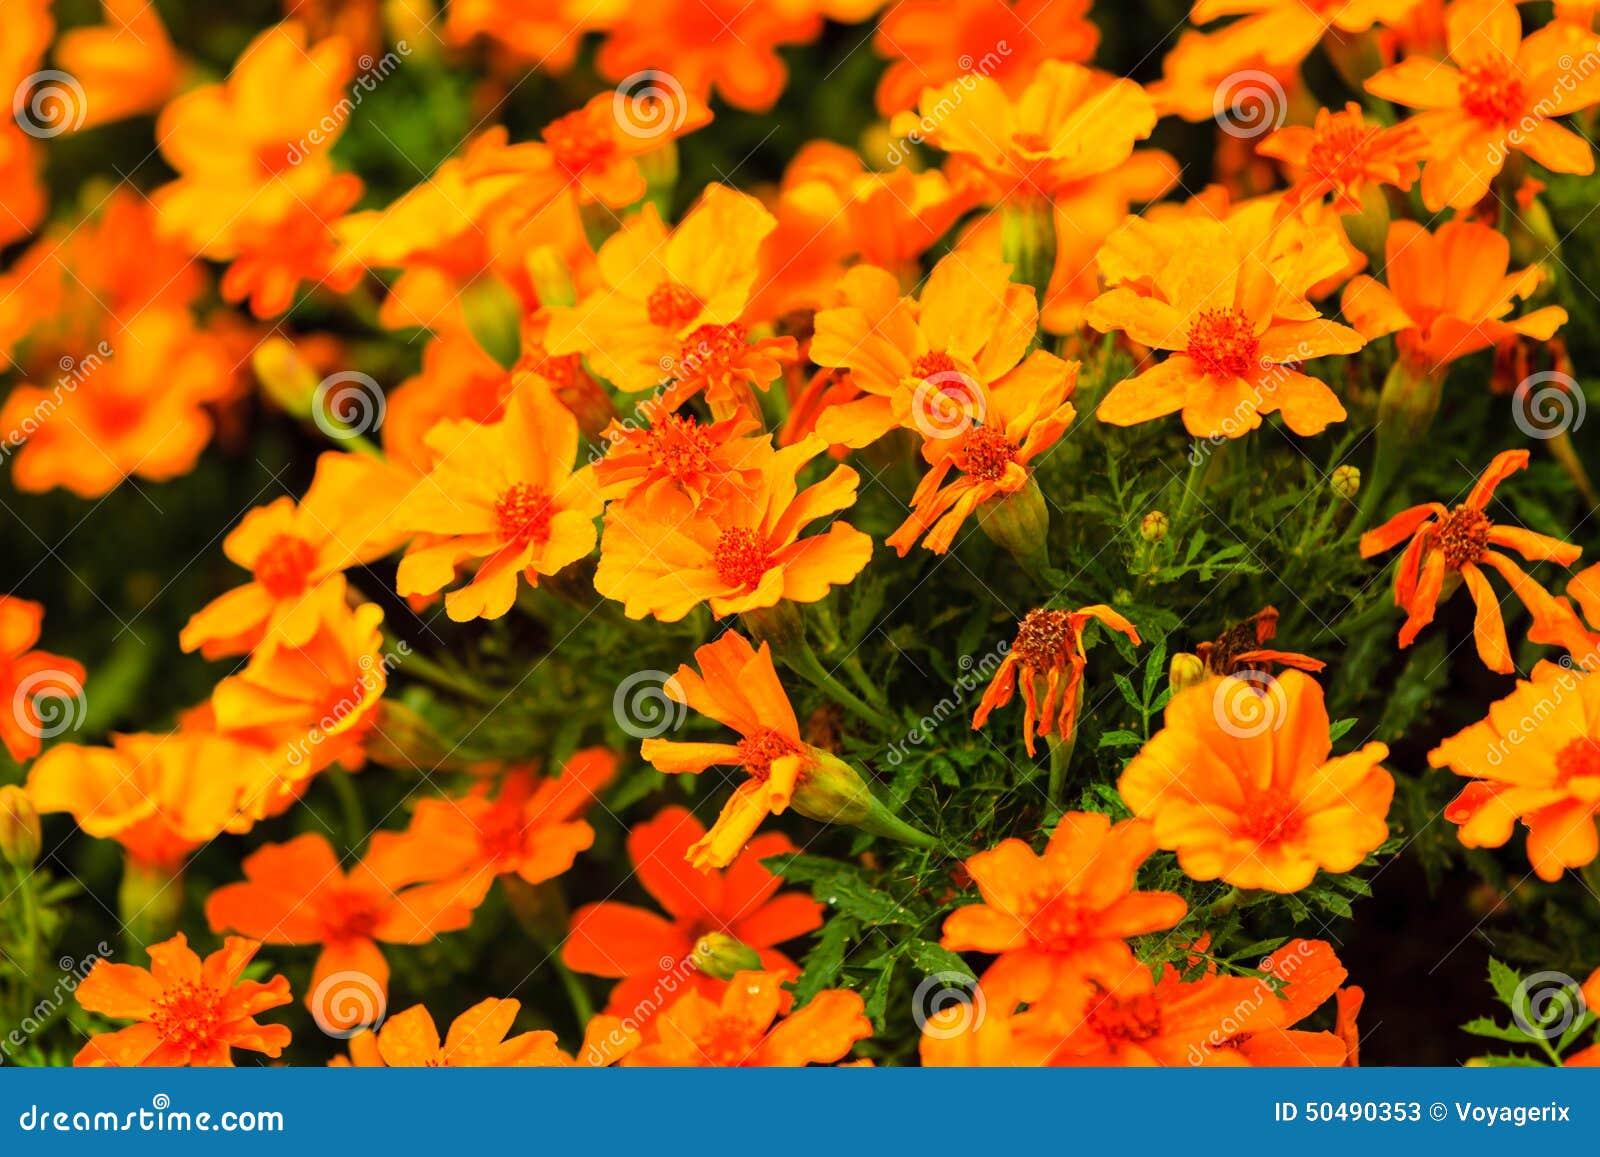 Fiori arancio nel giardino primavera o fondo di estate immagine stock immagine di luminoso - Fiori da giardino primavera estate ...